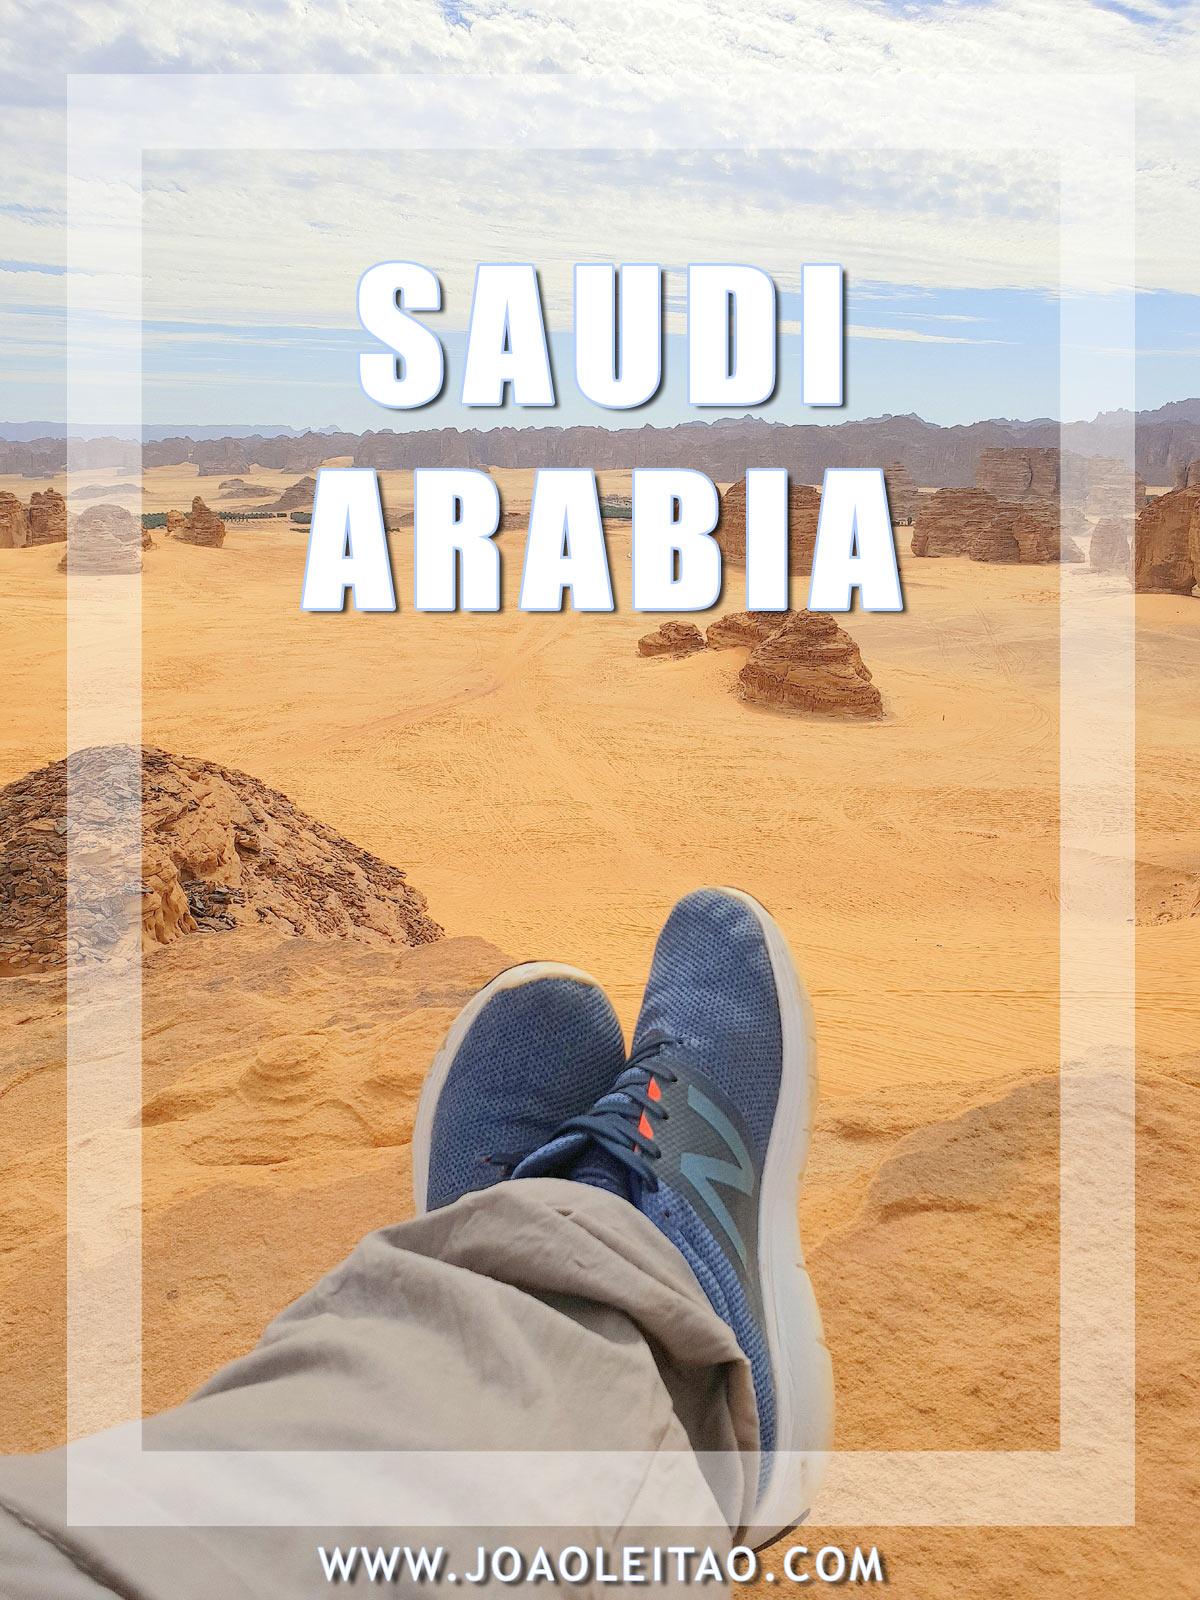 沙特阿拉伯旅游签证